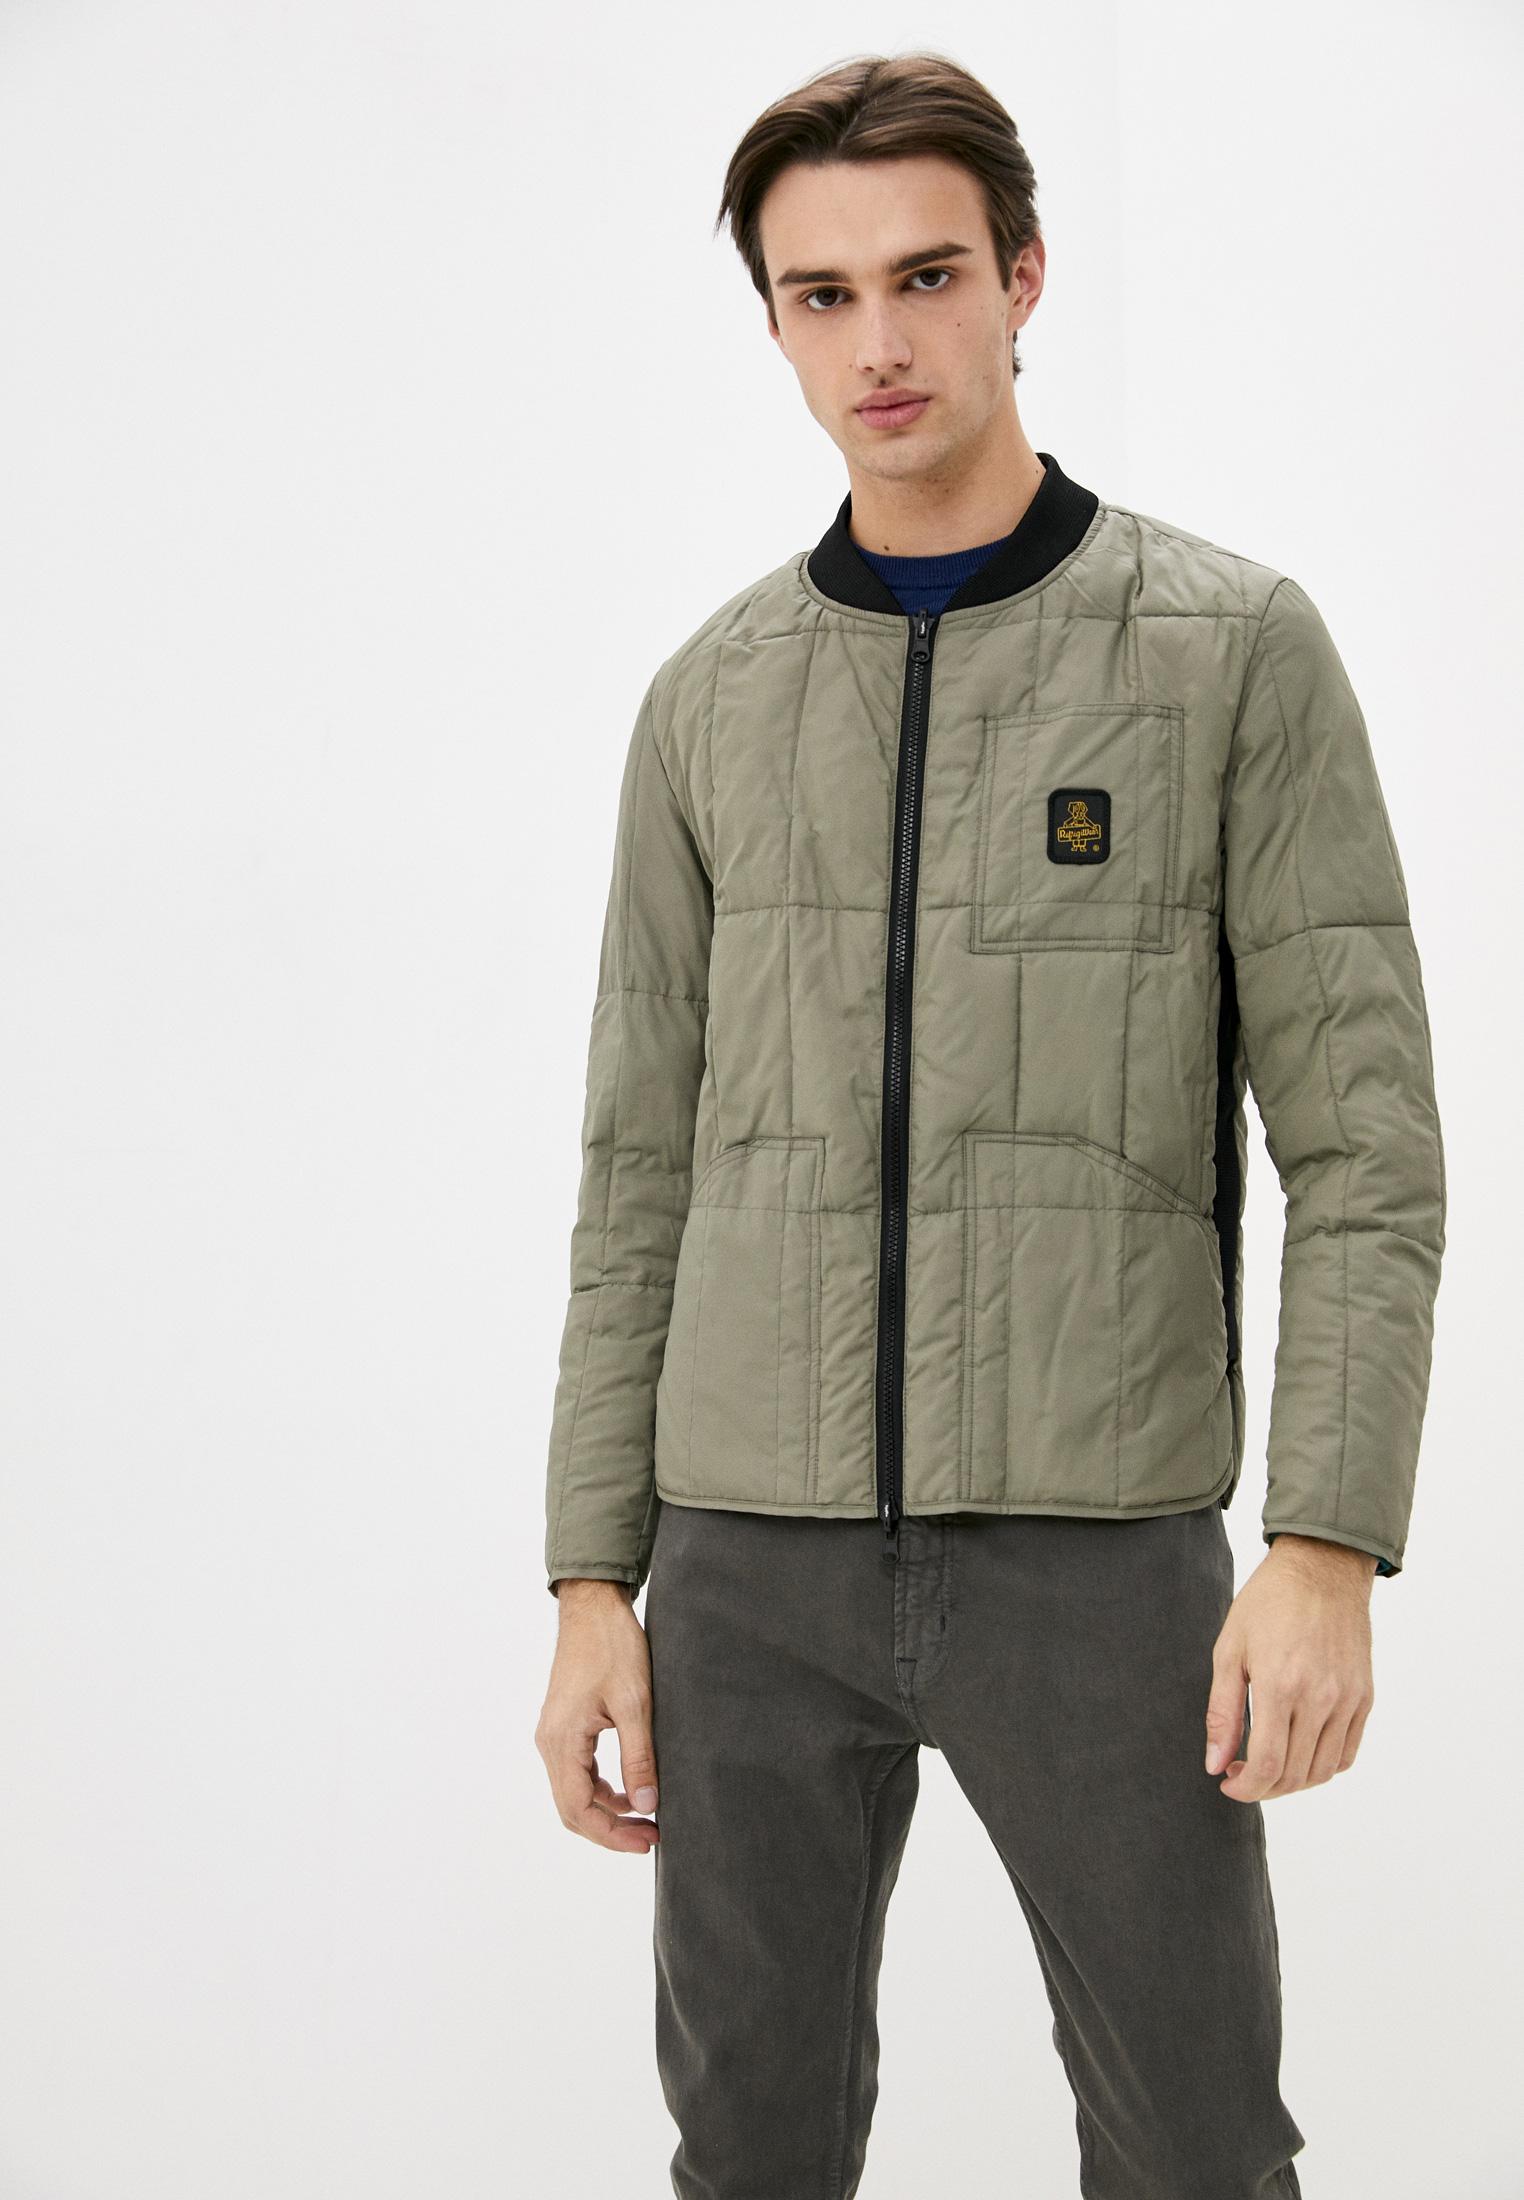 Утепленная куртка Refrigiwear Куртка утепленная Refrigiwear